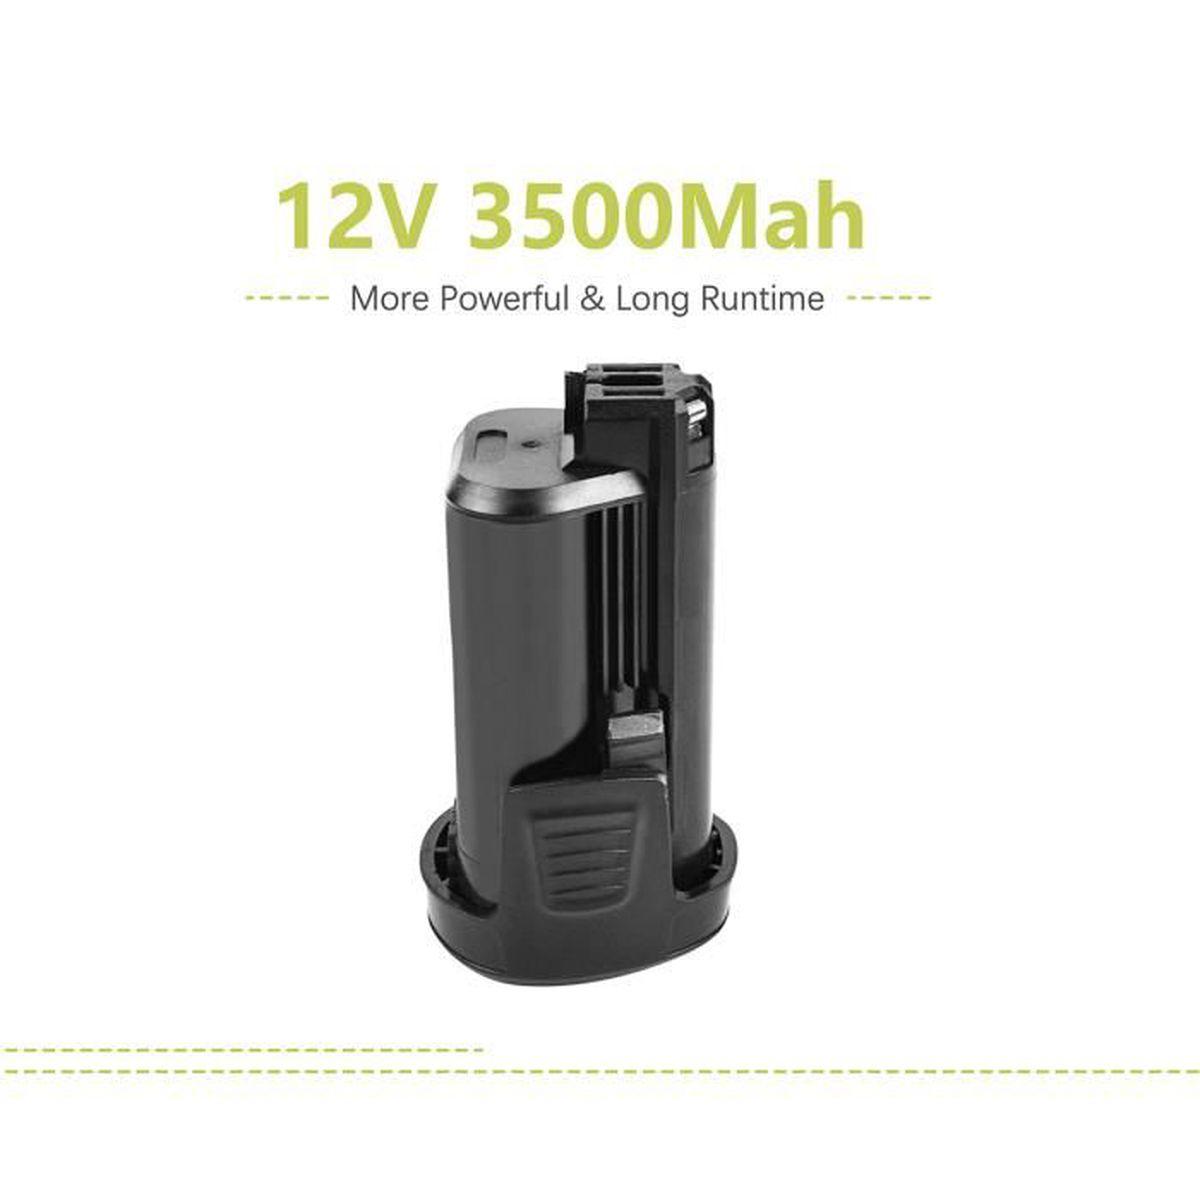 pour outils Dremel 8100 vhbw Li-Ion Batterie 2000mAh 8100 Cordless Multi-Tool comme 2 607 336 715 7.2V 2.615.080.8JA.